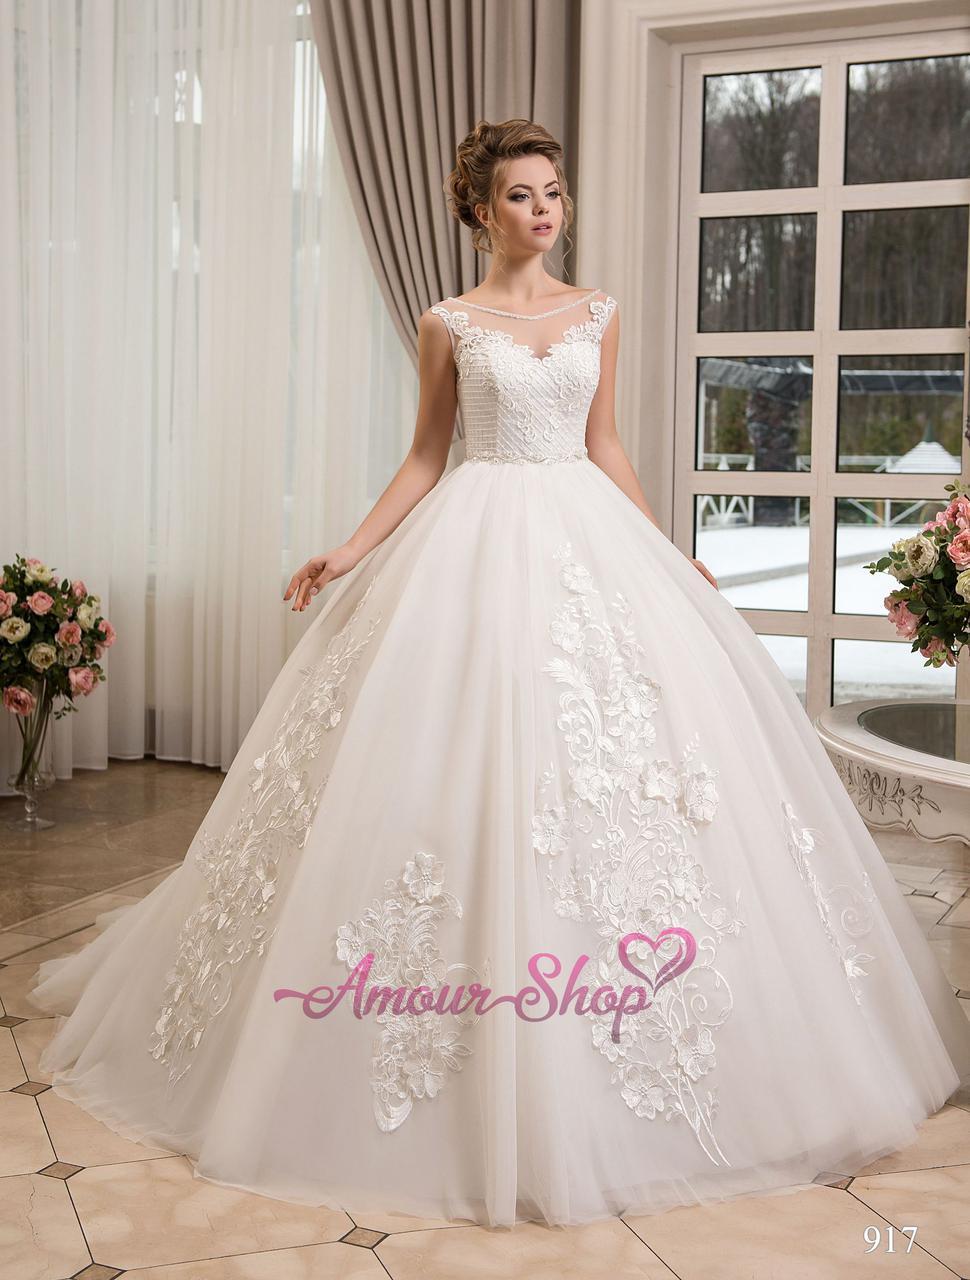 Свадебное платье пышное со шлейфом. 917